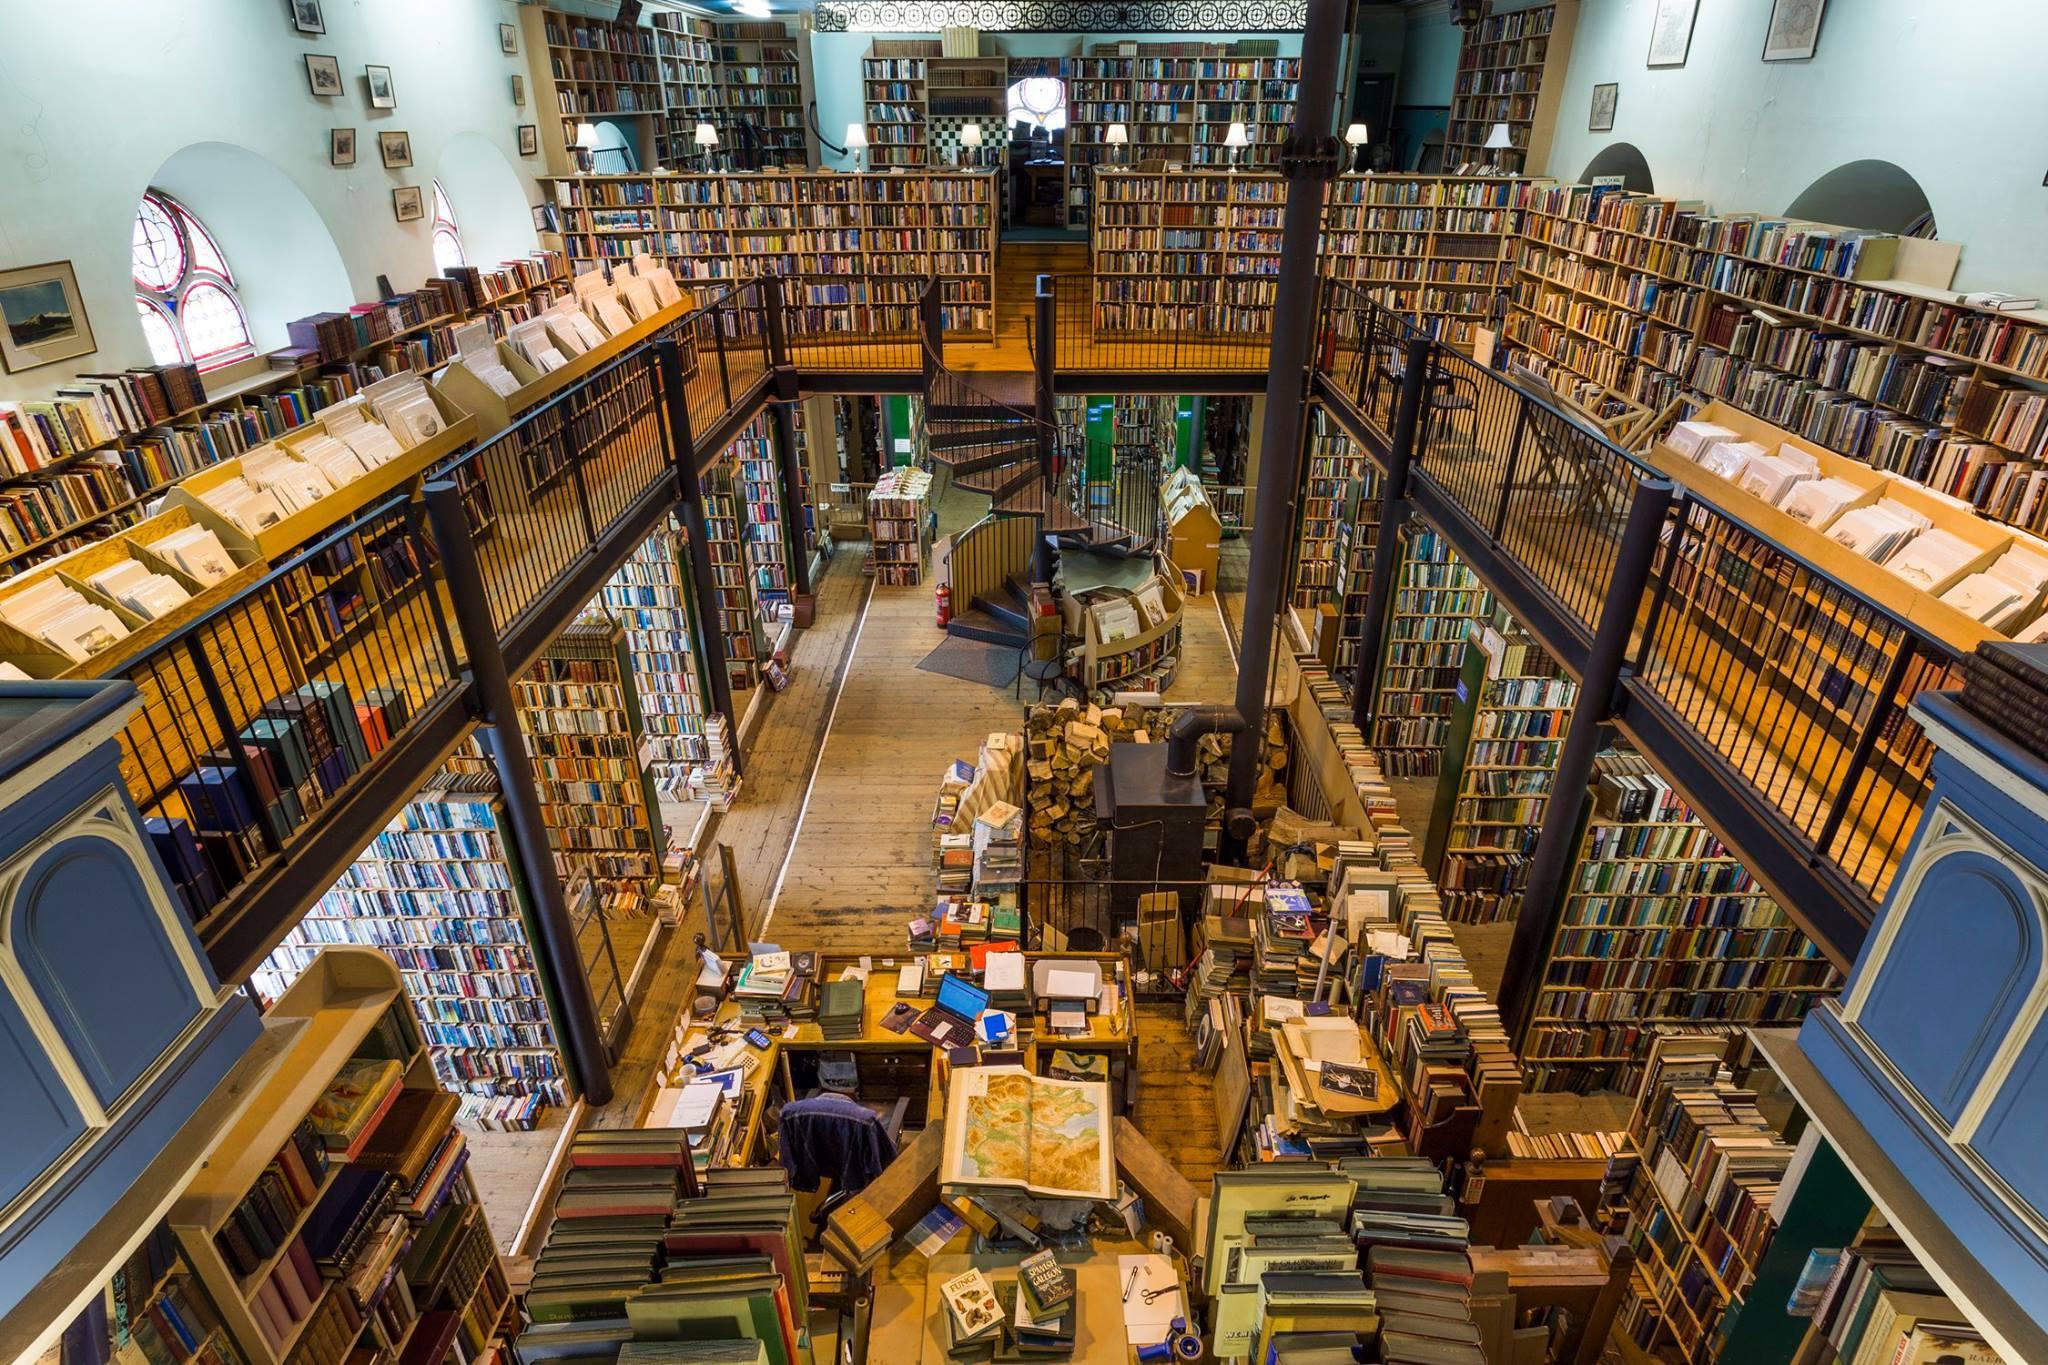 Le librerie più bizzarre in giro per il mondo